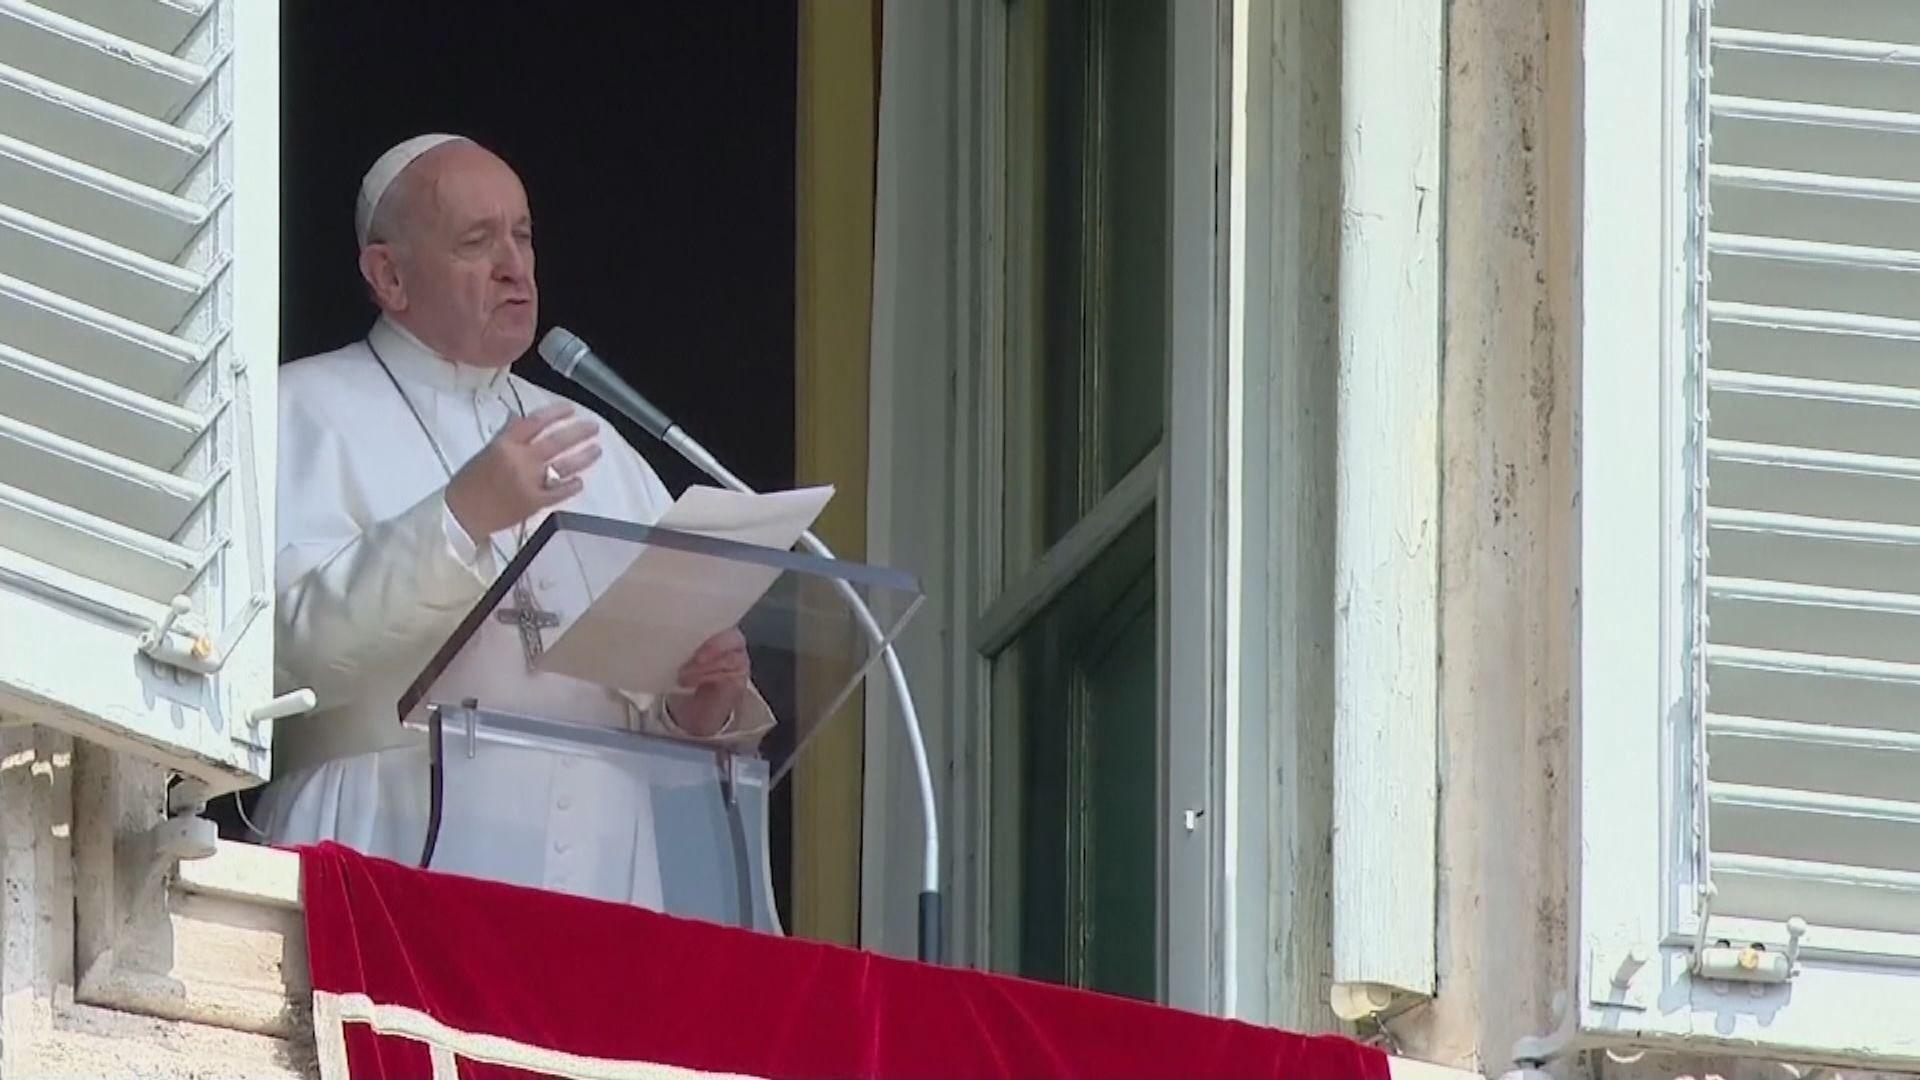 【環球薈報】教宗例行祈禱儀式遲到惹虛驚